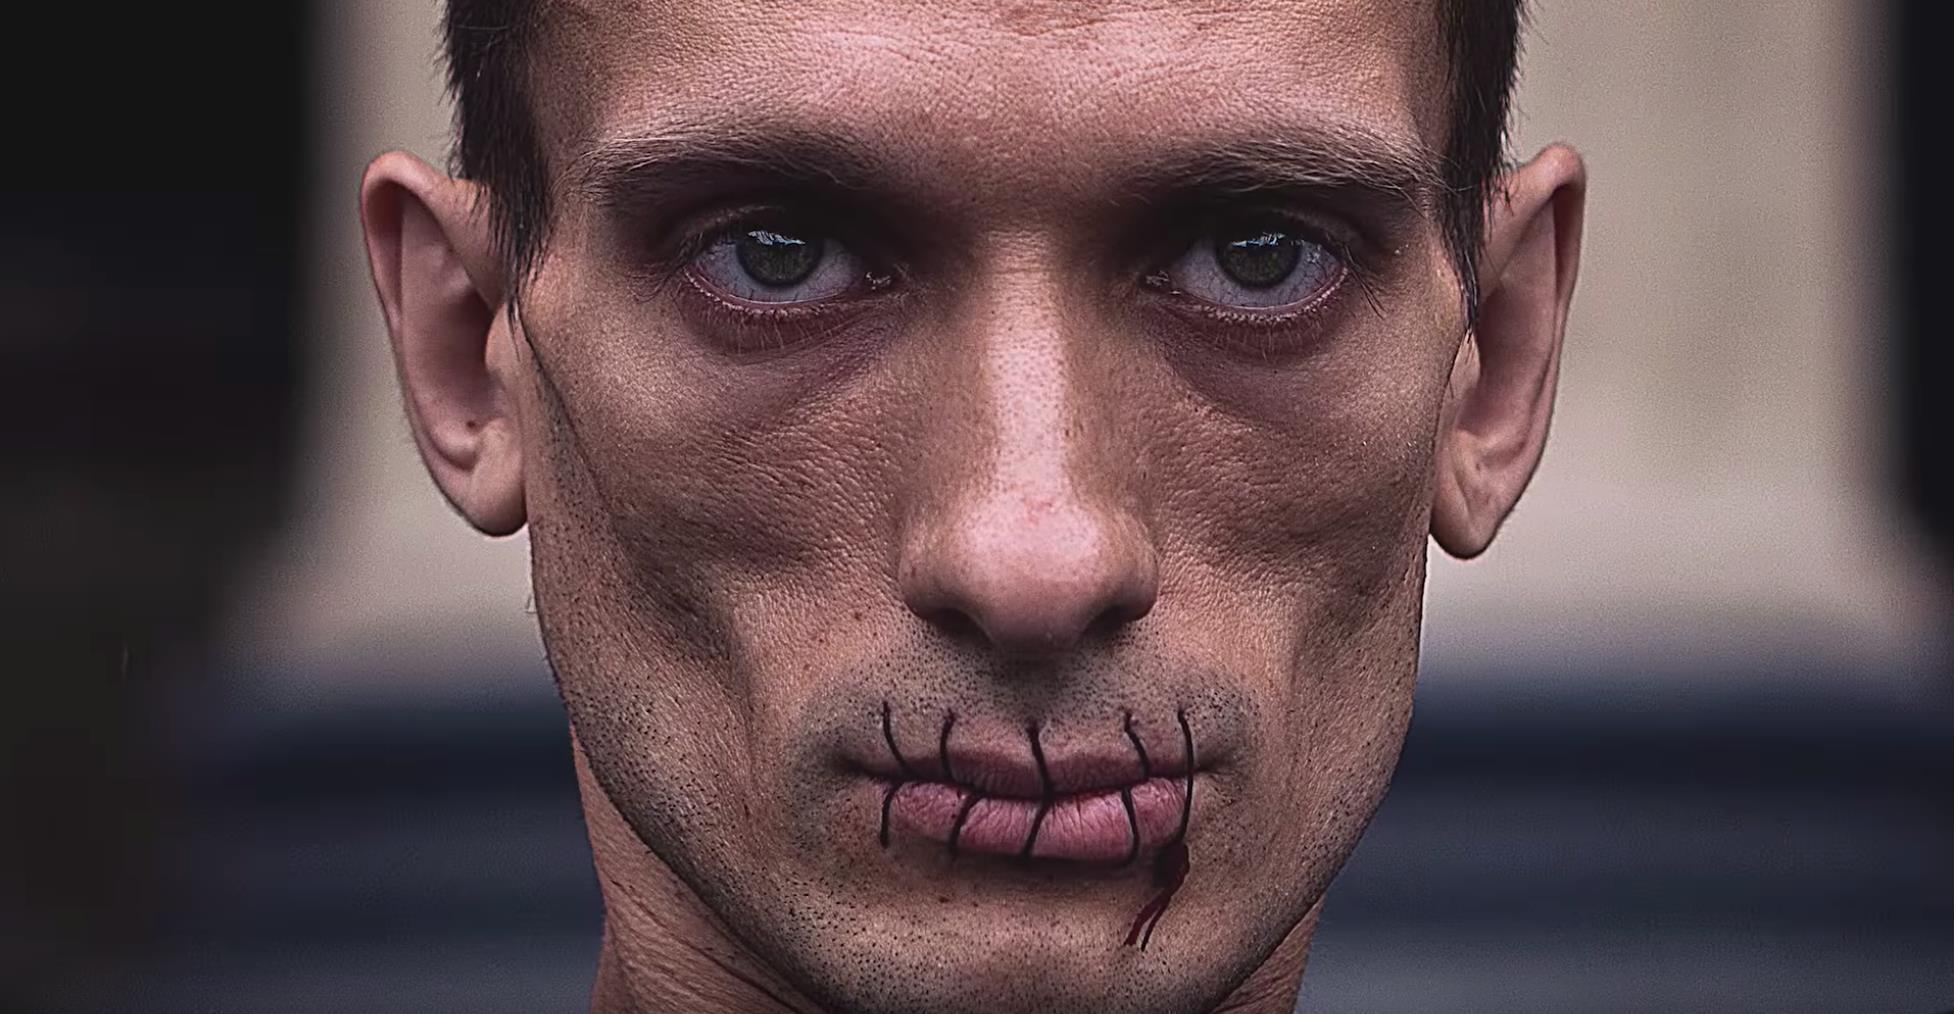 Кадр из фильма «Павленский. Голая жизнь», который стал эмблемой фестиваля Артдокфест